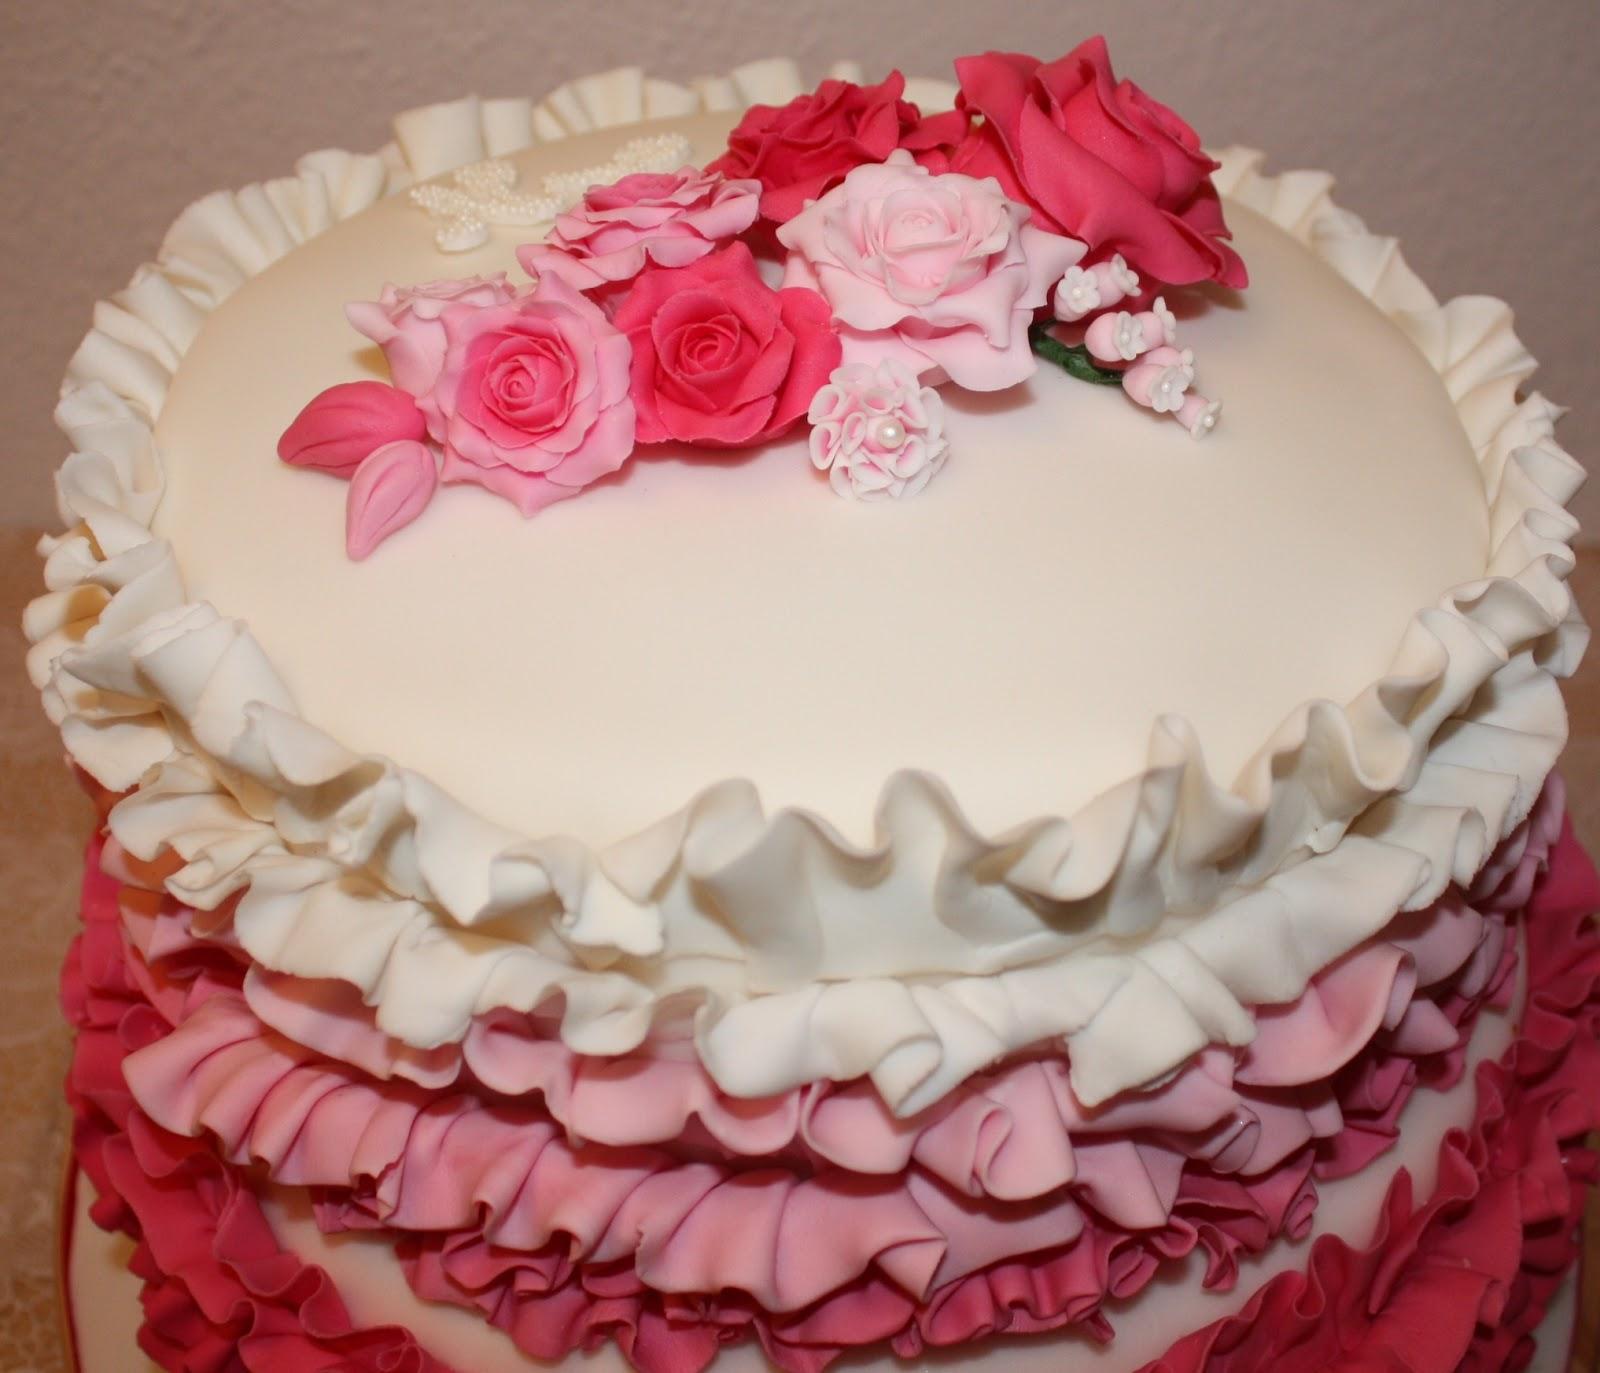 Torten, Törtchen und Amore: Rüschentorte in Pink mit Rosen